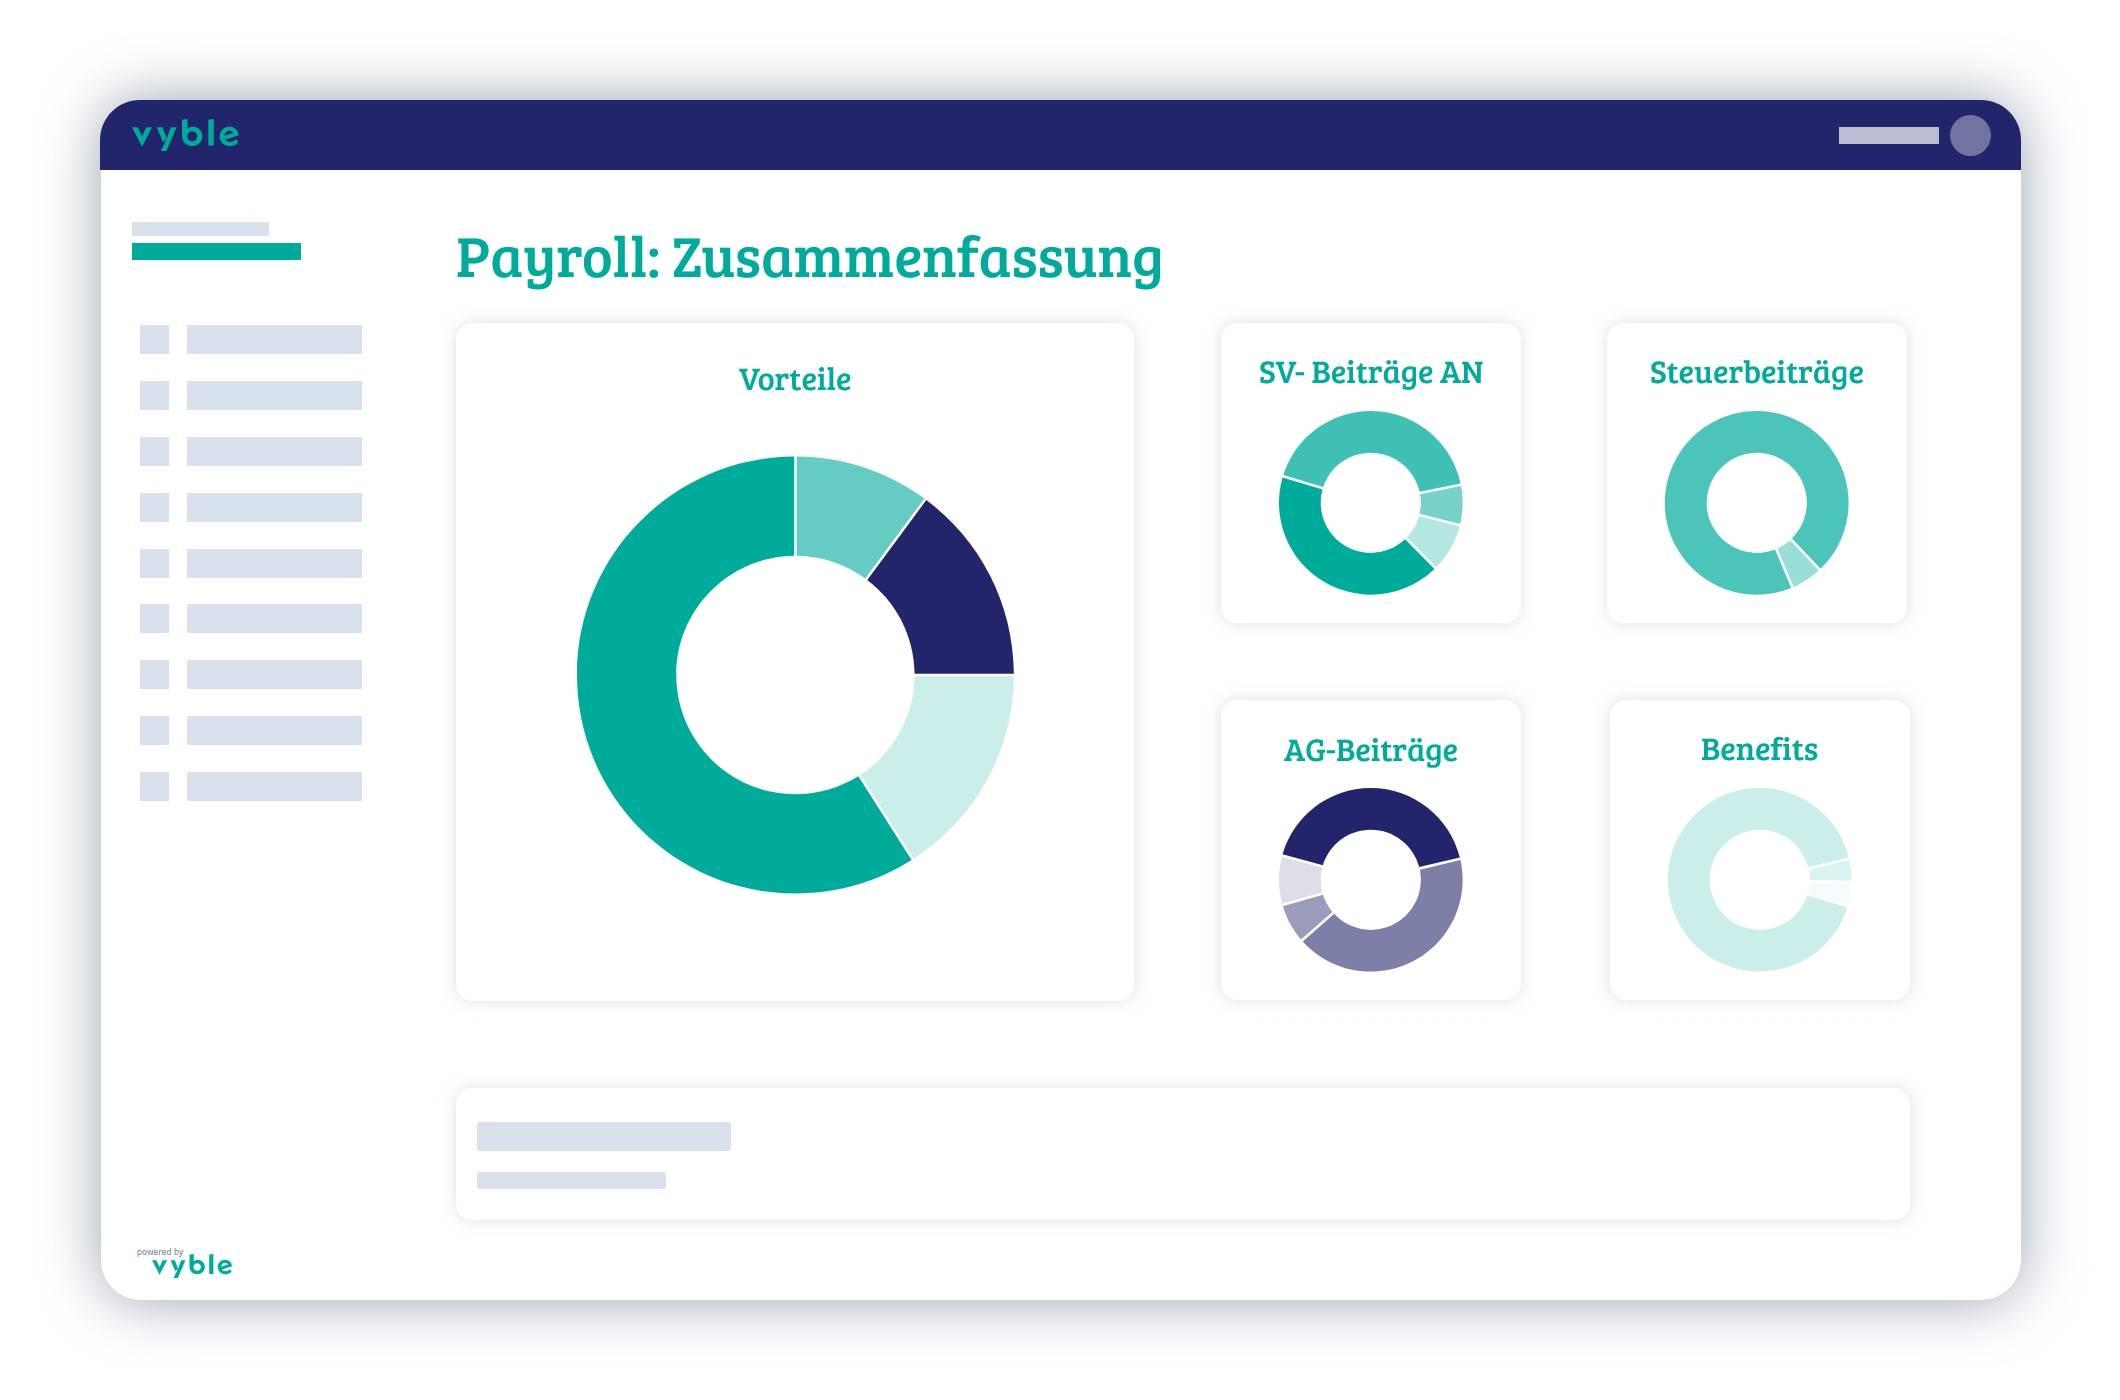 Darstellung einer zusammenfassenden Übersicht einer erstellten Payroll im vyble®-Tool